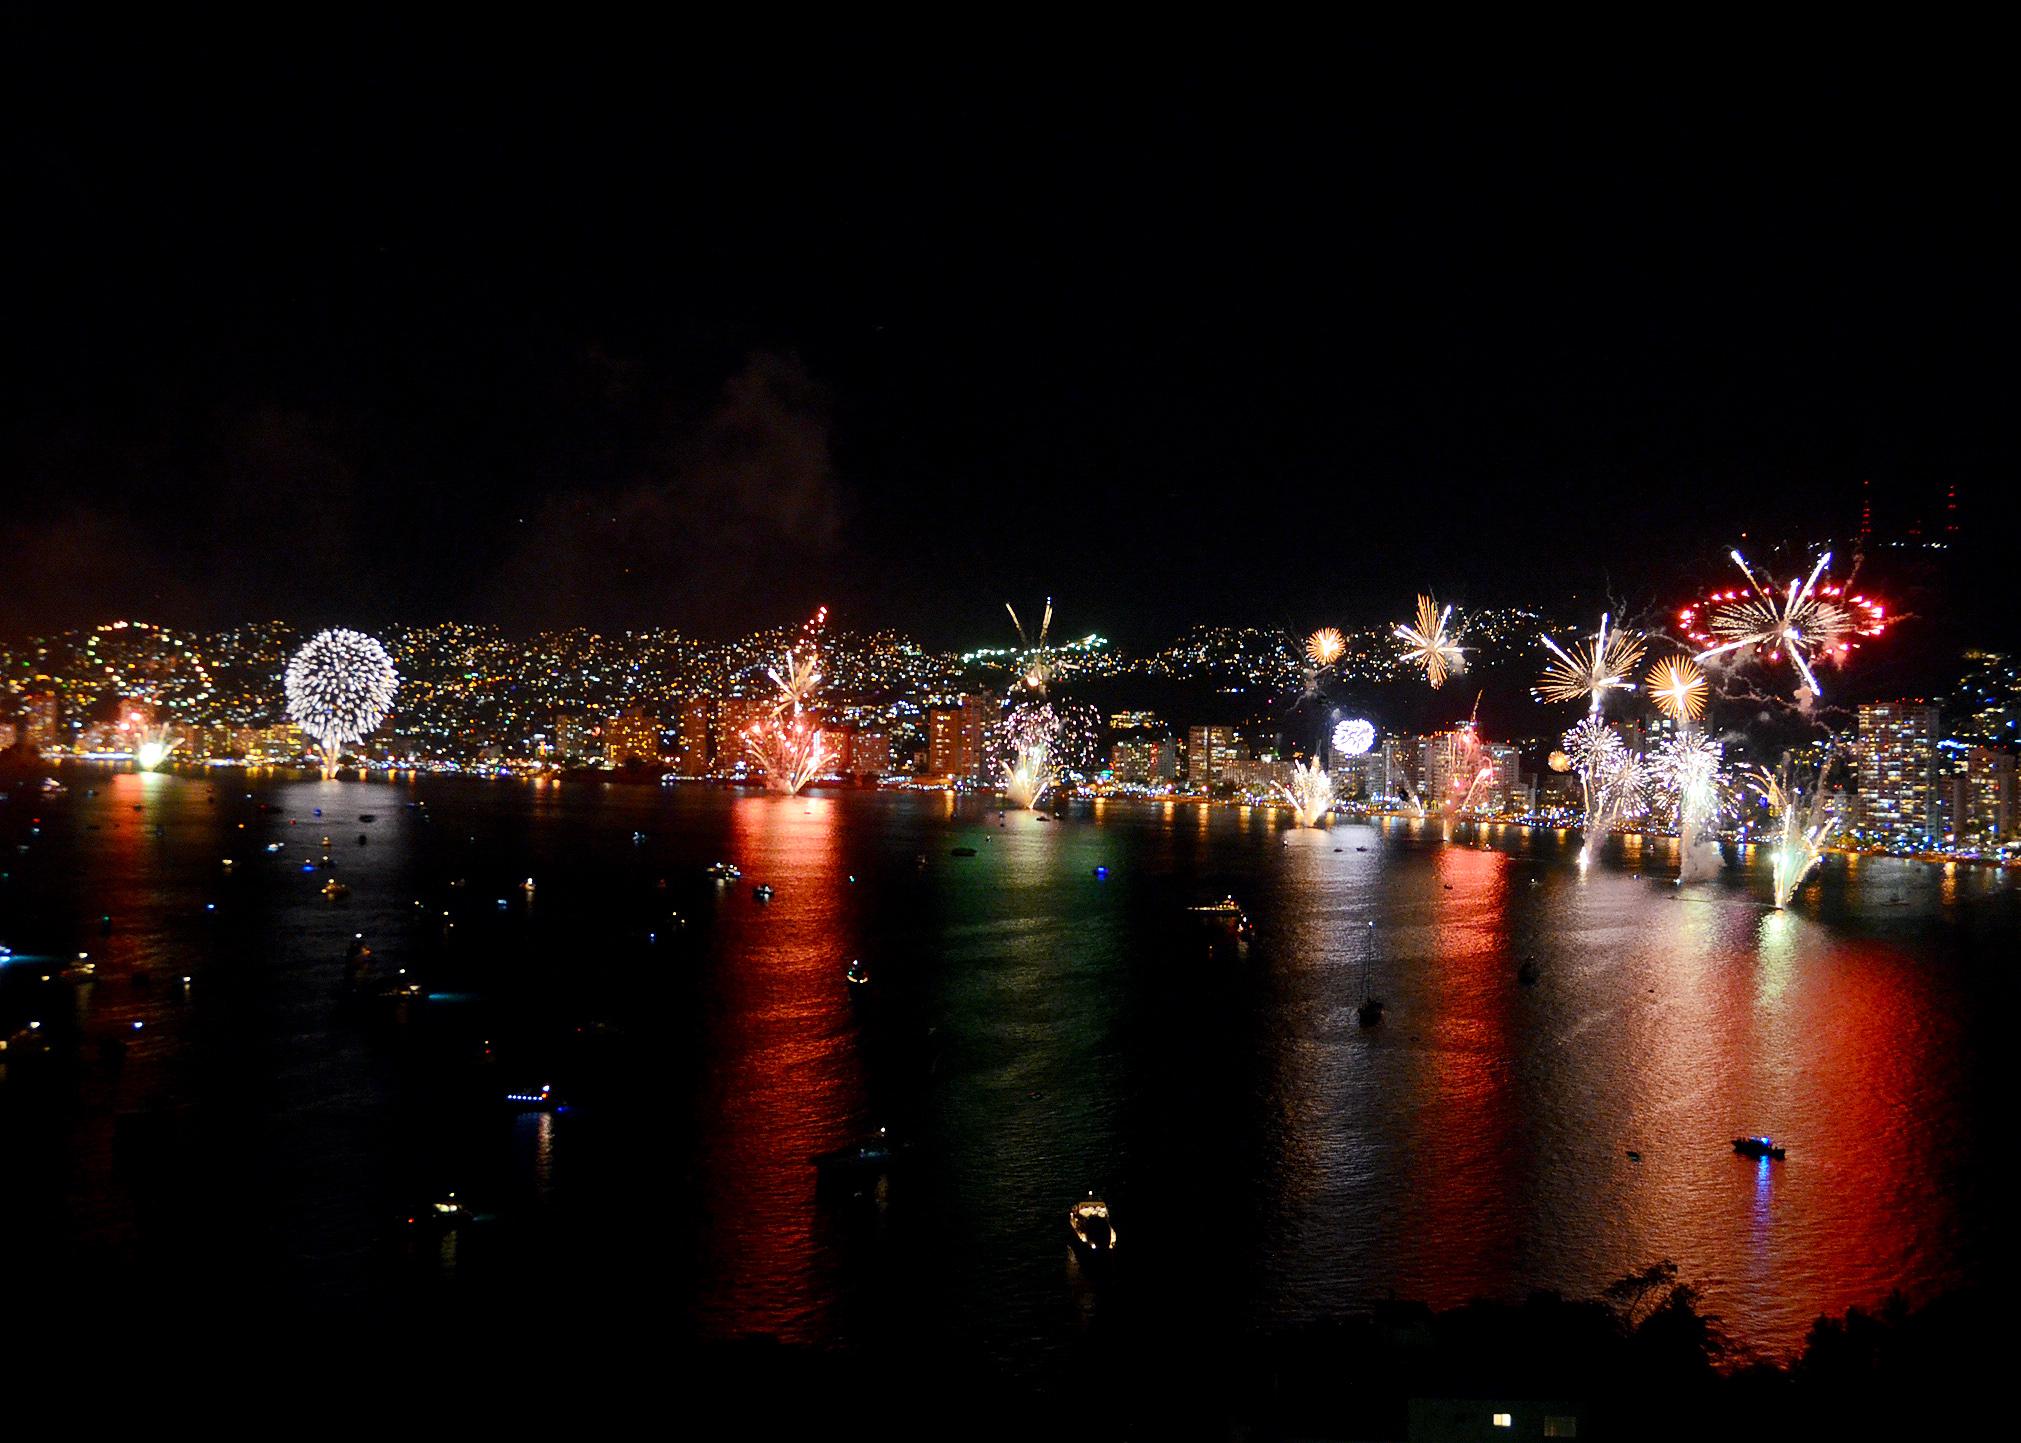 #NuestroMéxico: Acapulco. Acapulco, invierno 2014. (Foto: Turismo Guerrero)